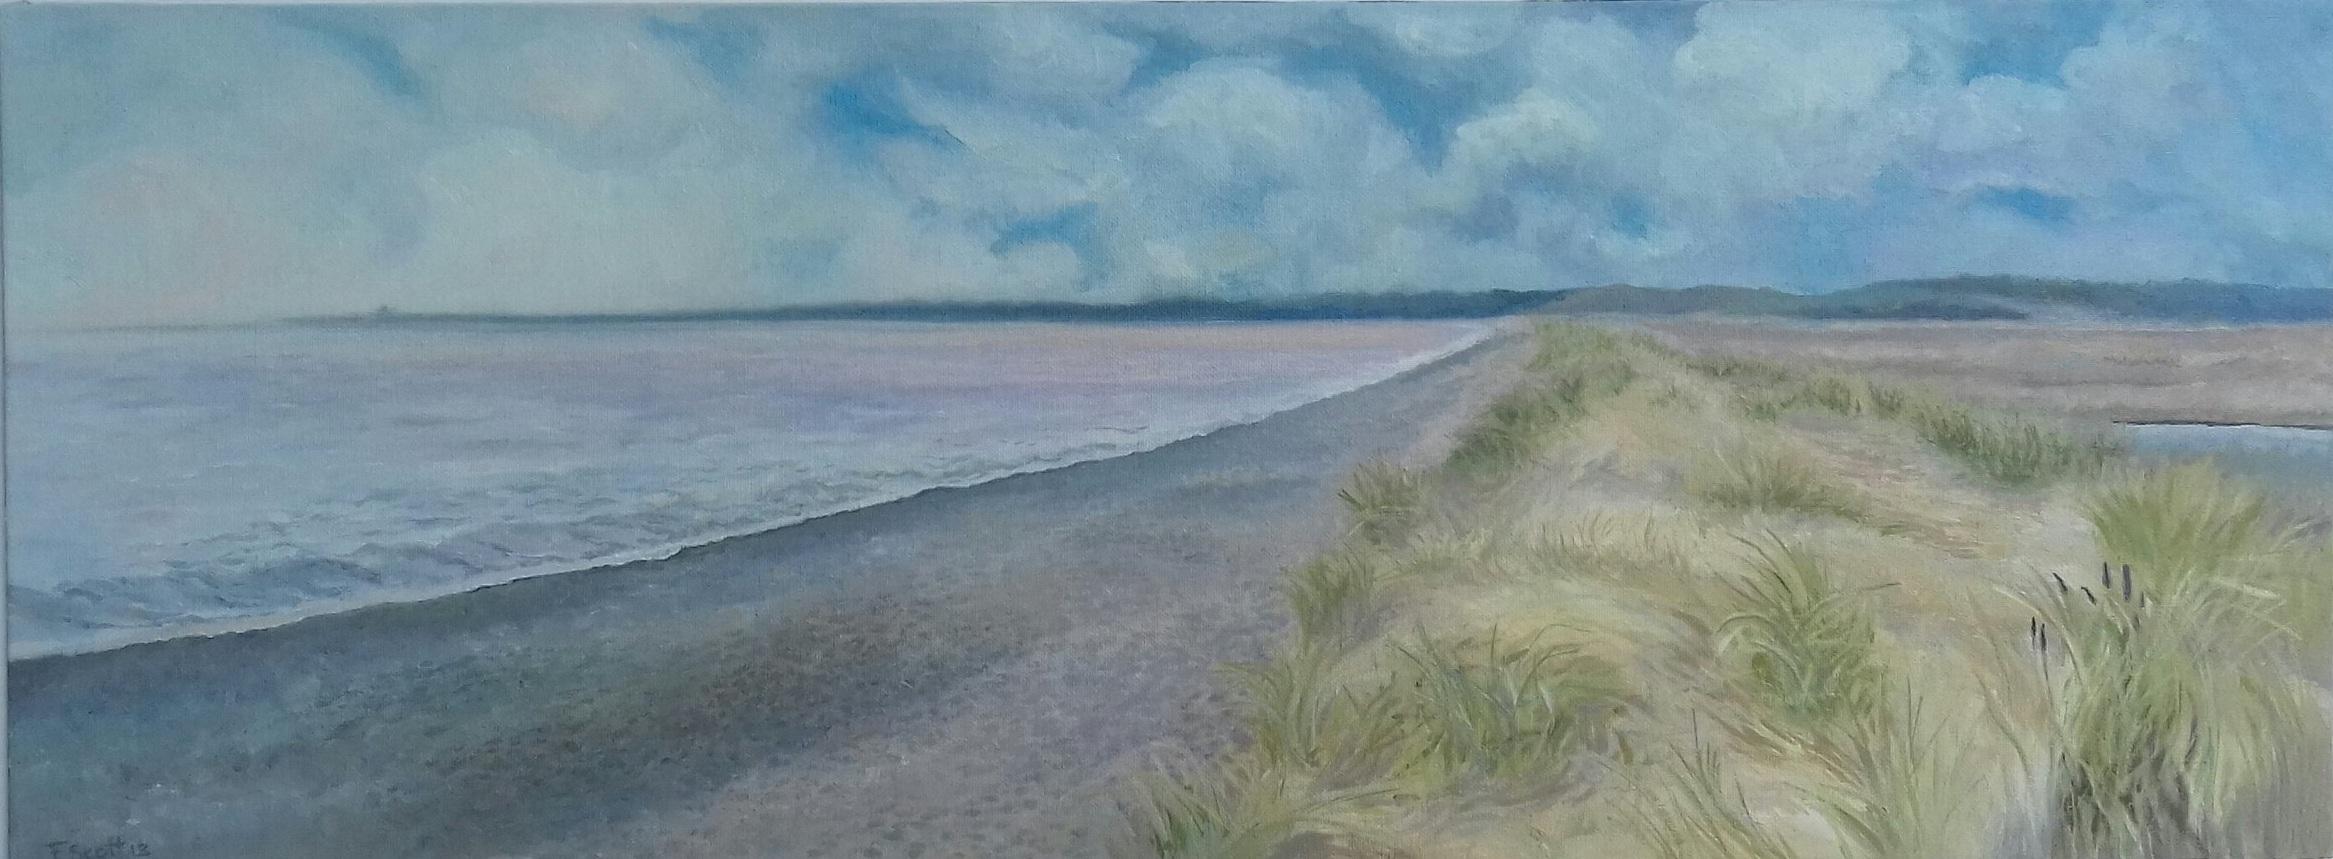 Dunwich Beach, Suffolk.